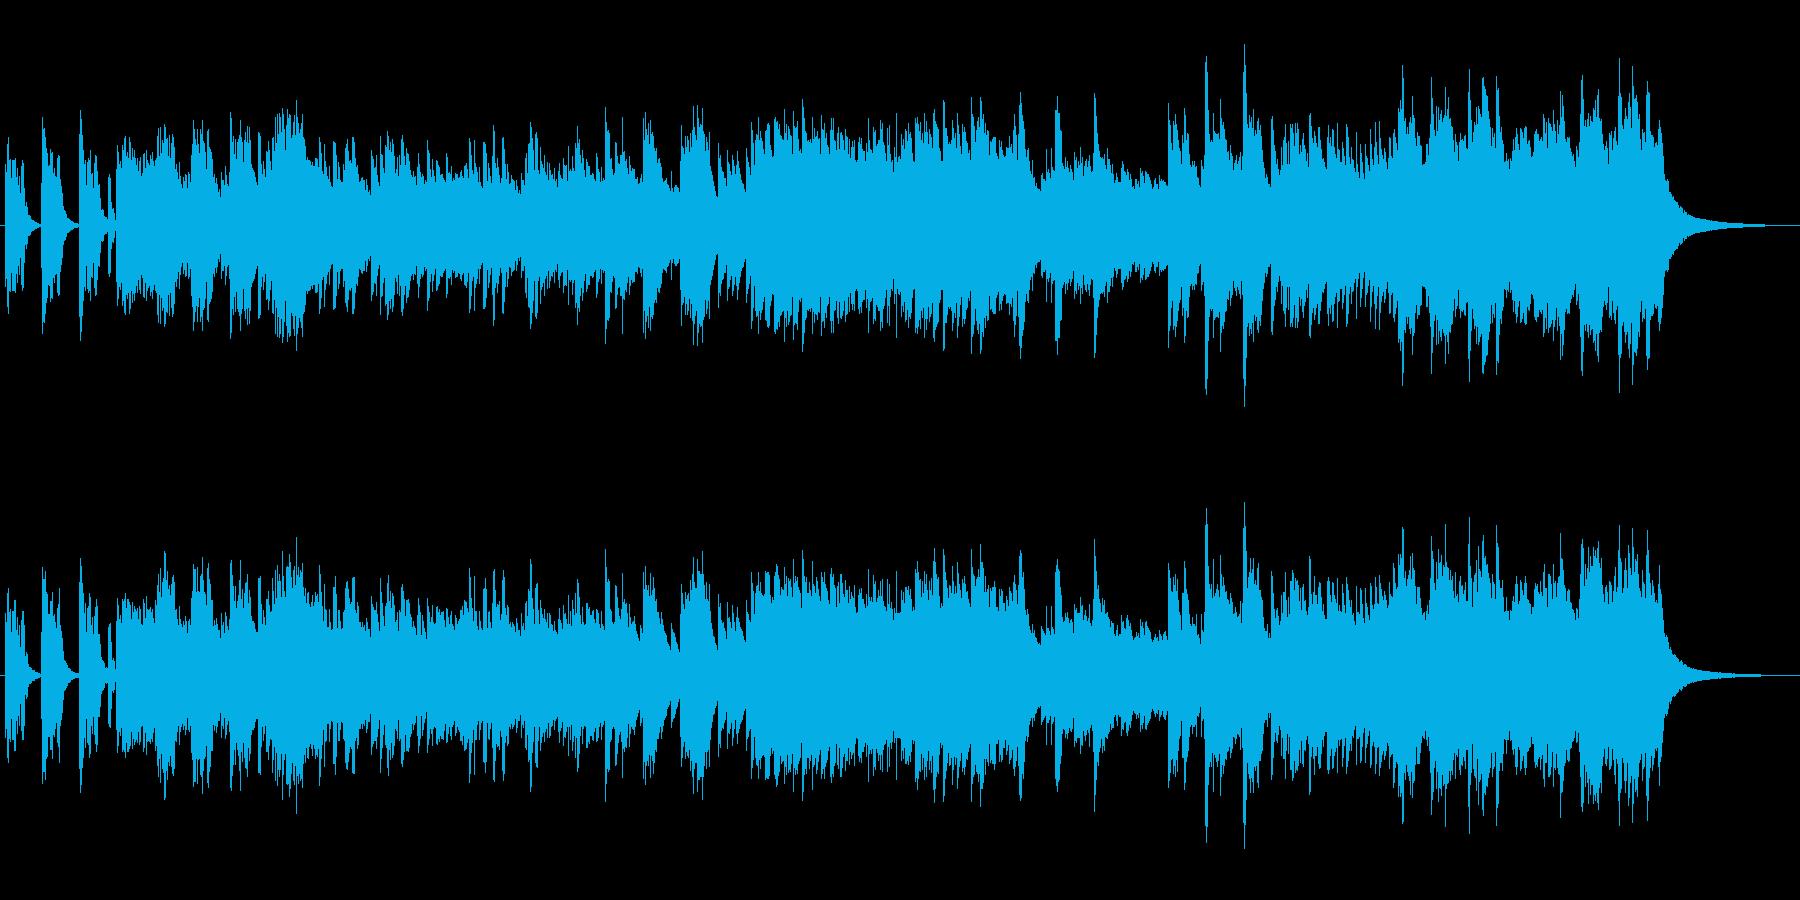 幻想的でアップテンポな音楽の再生済みの波形